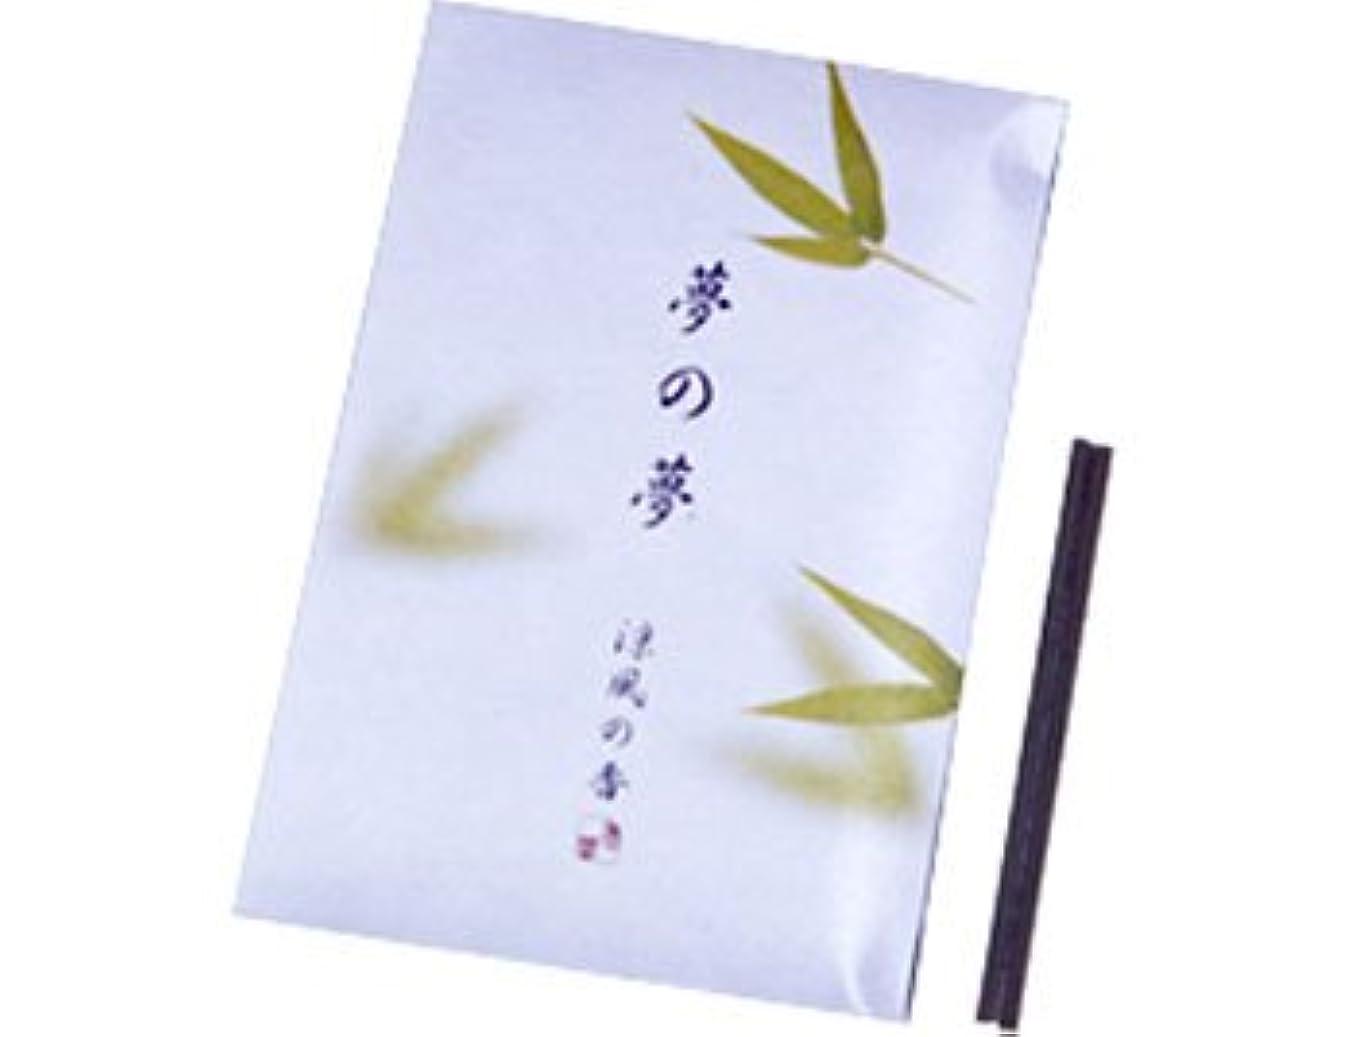 カバー生理ドメインお香 インセンス 「夢の夢 涼風の香 スティック12本入 ( すずかぜ ) 」